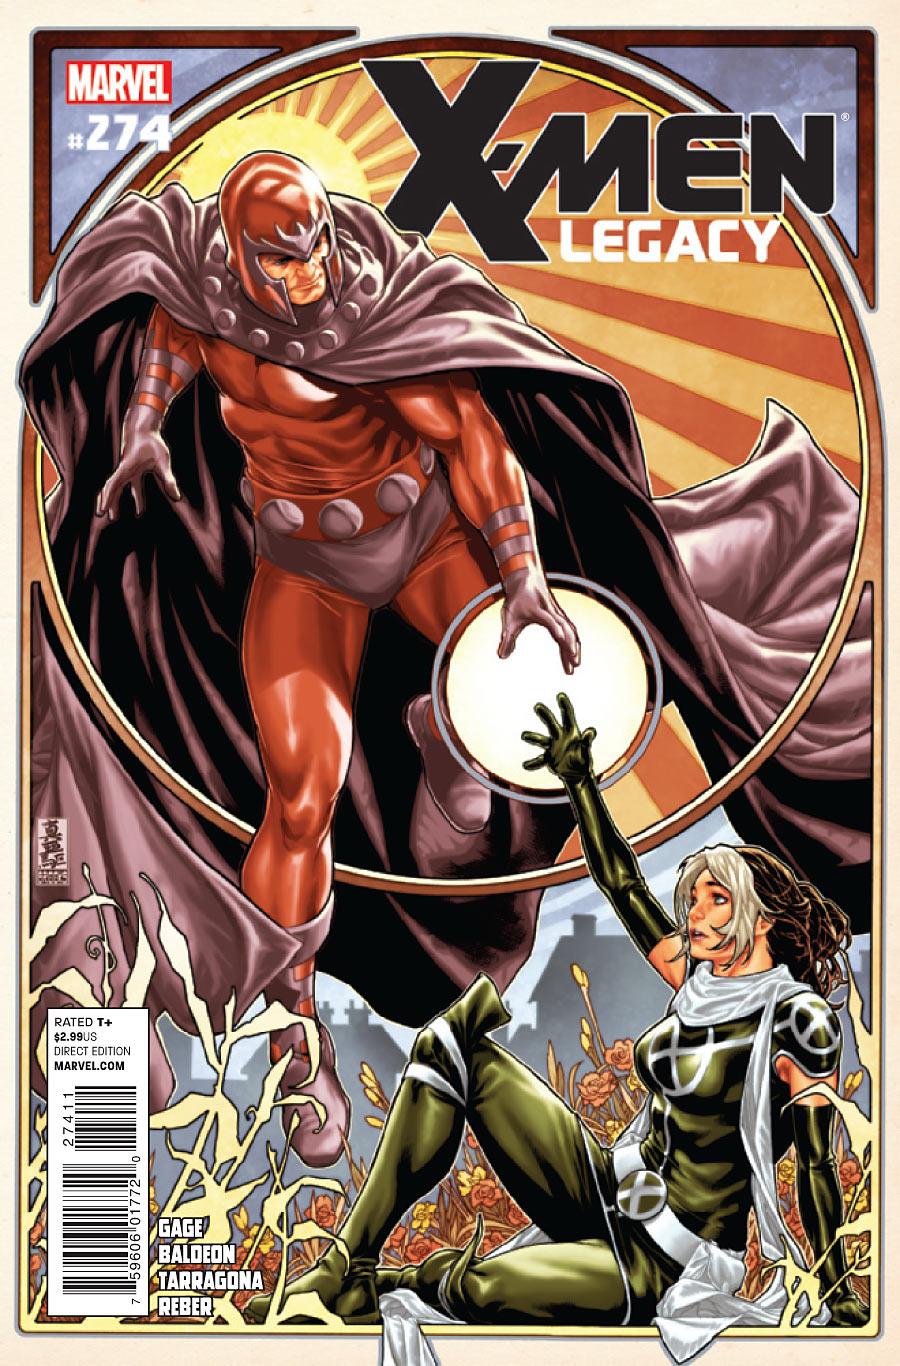 X-Men: Legacy #274